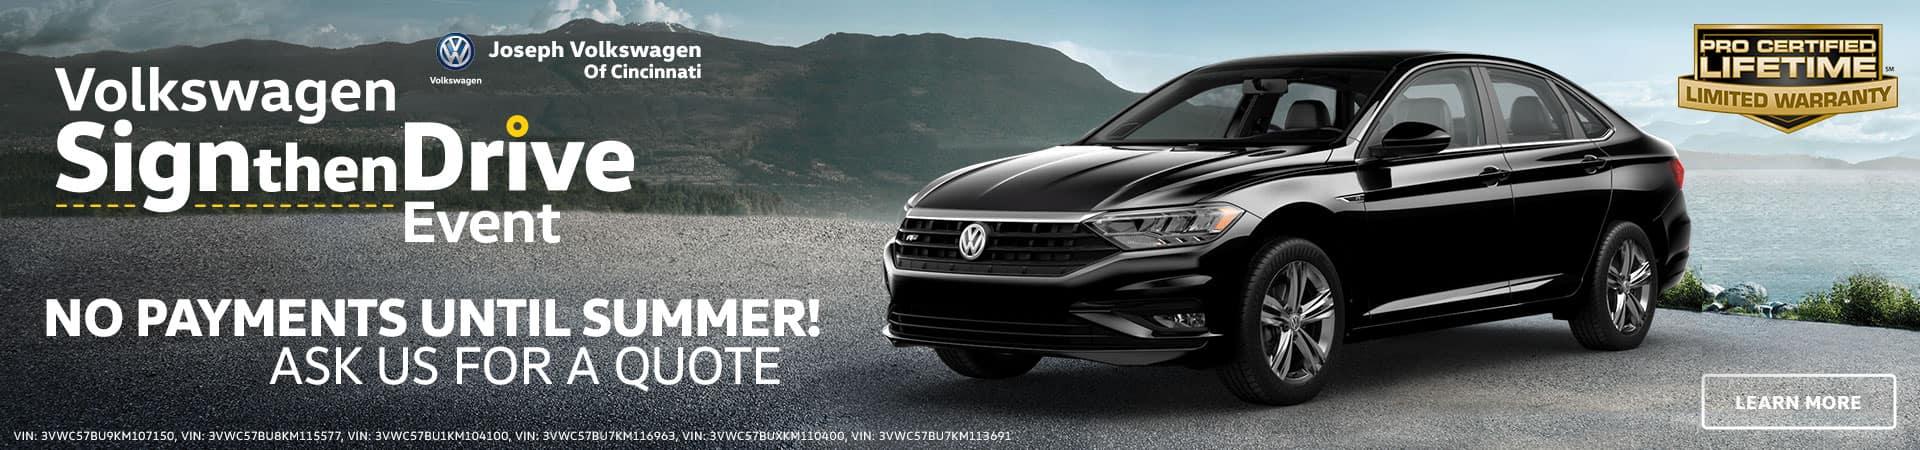 VW Jetta in Cincinnati. OH